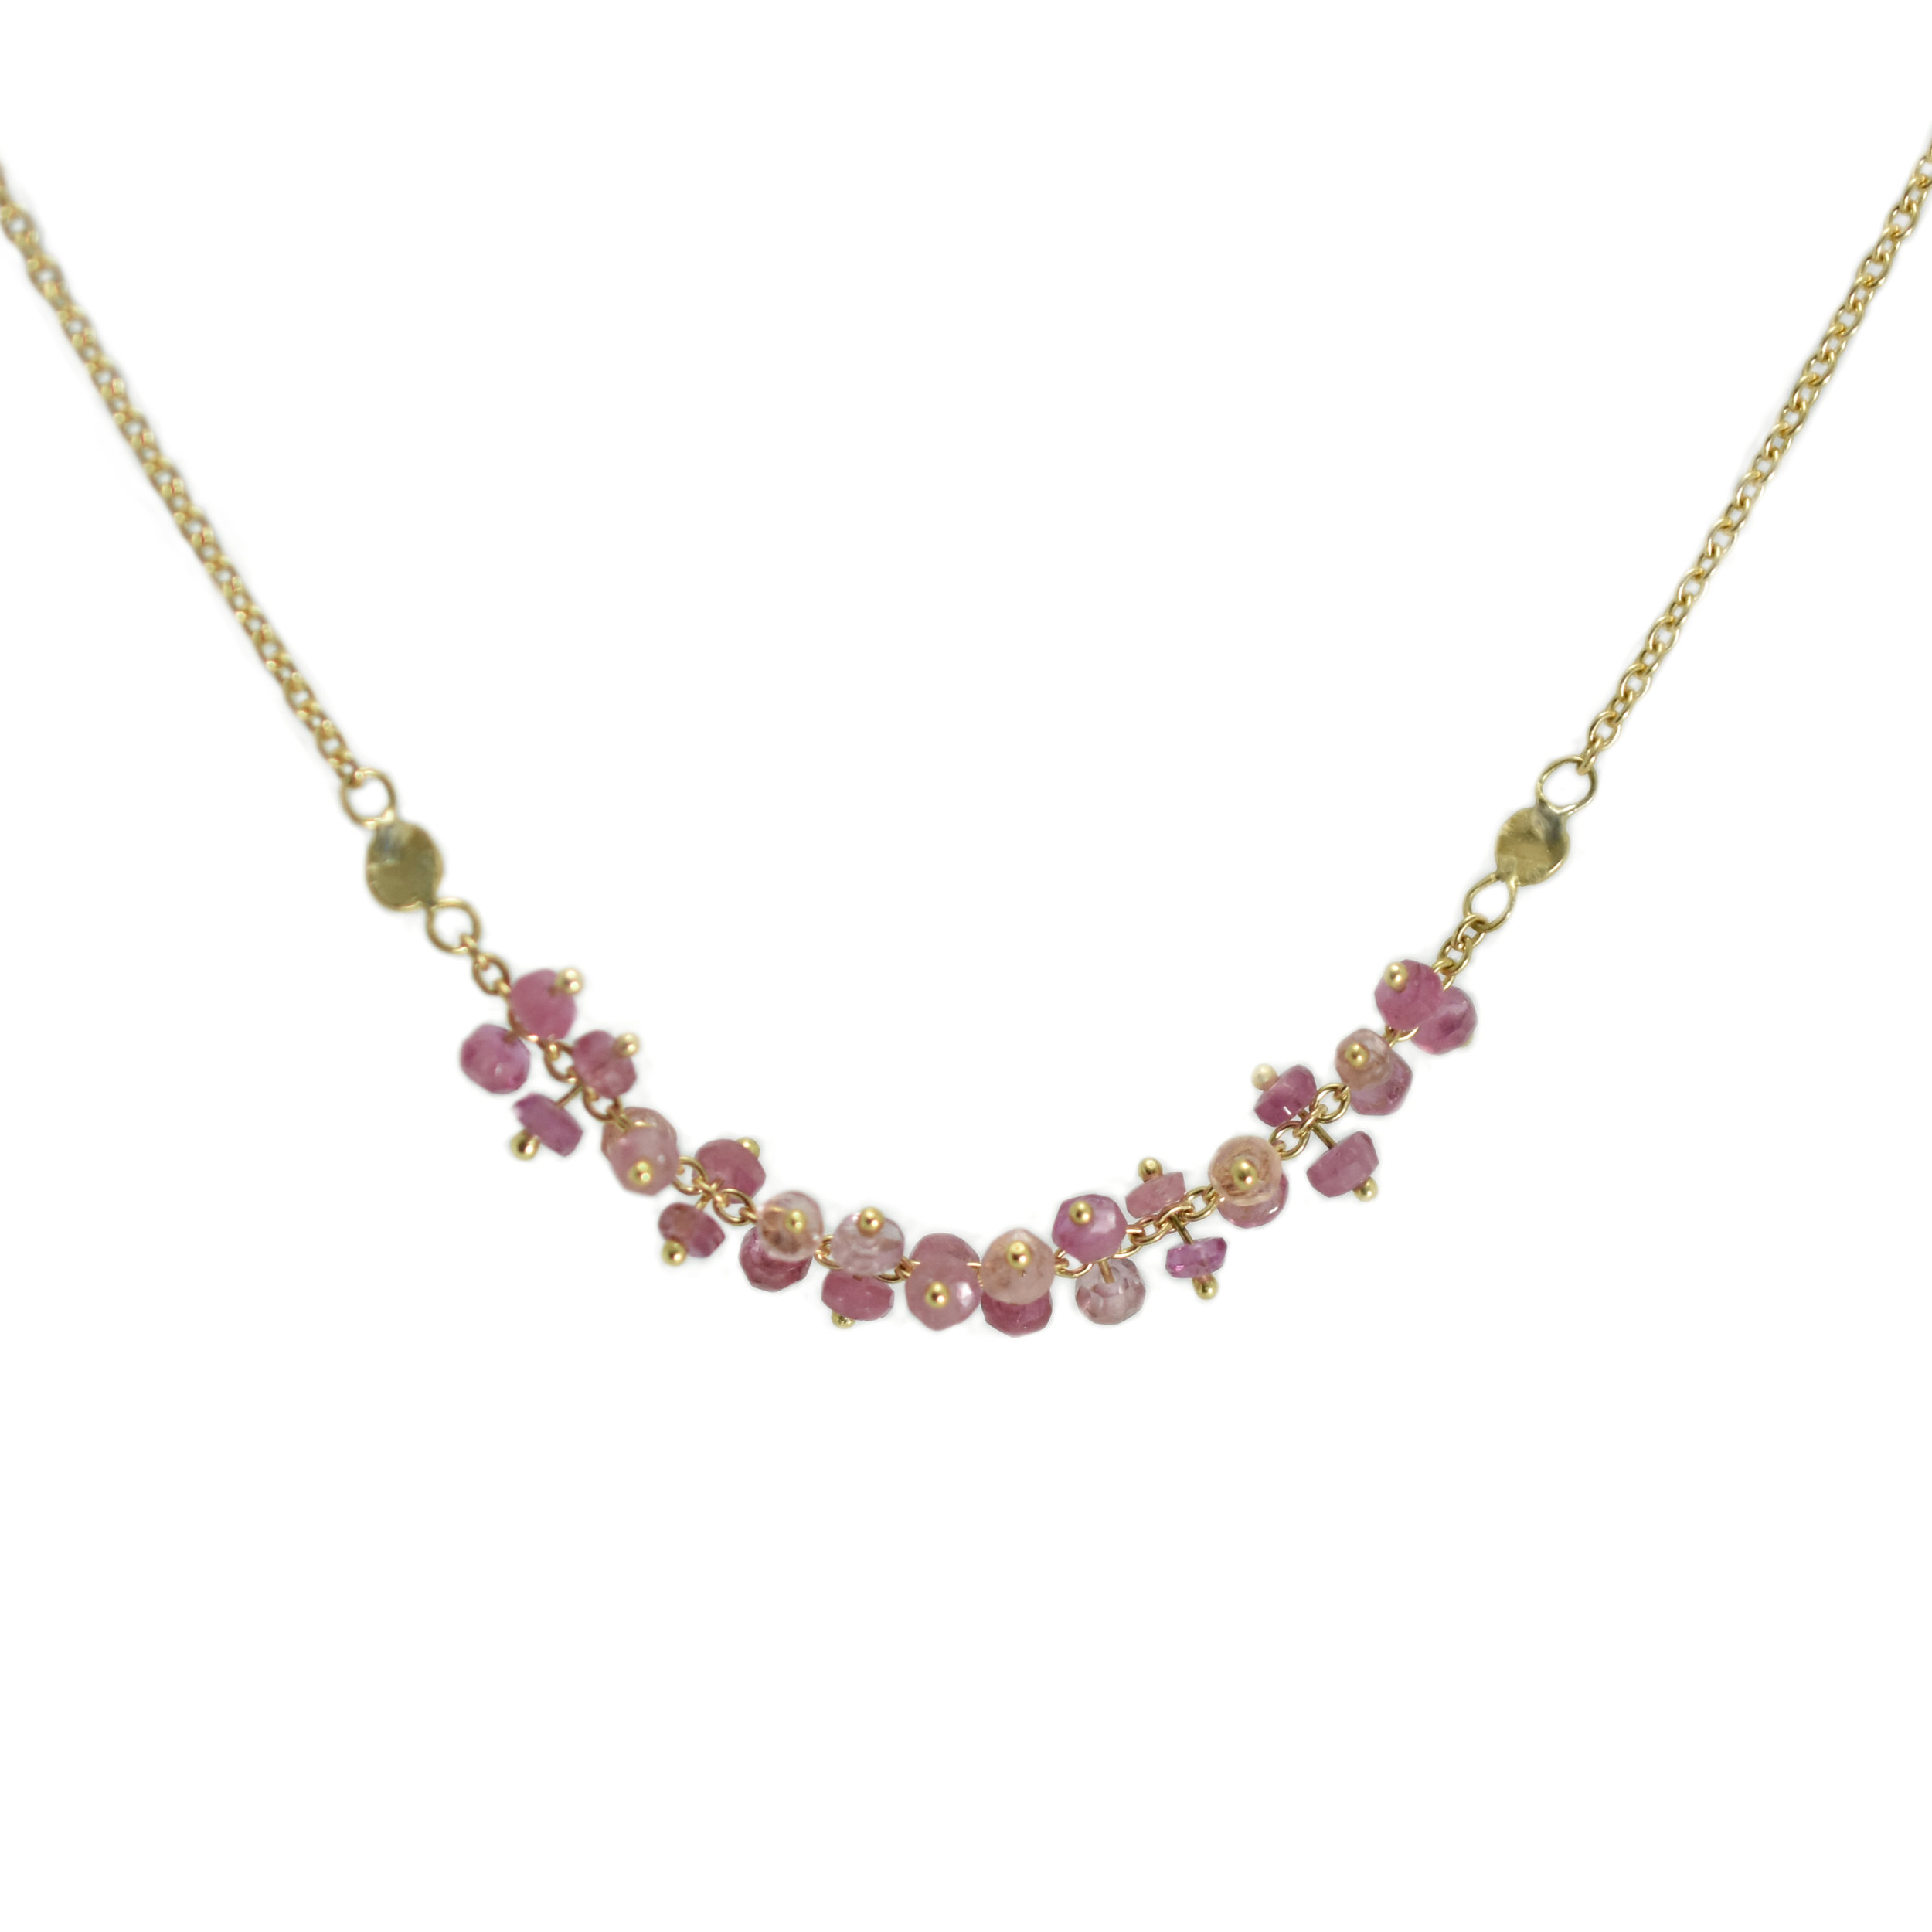 Ketting Lotus pink sapphire 18k